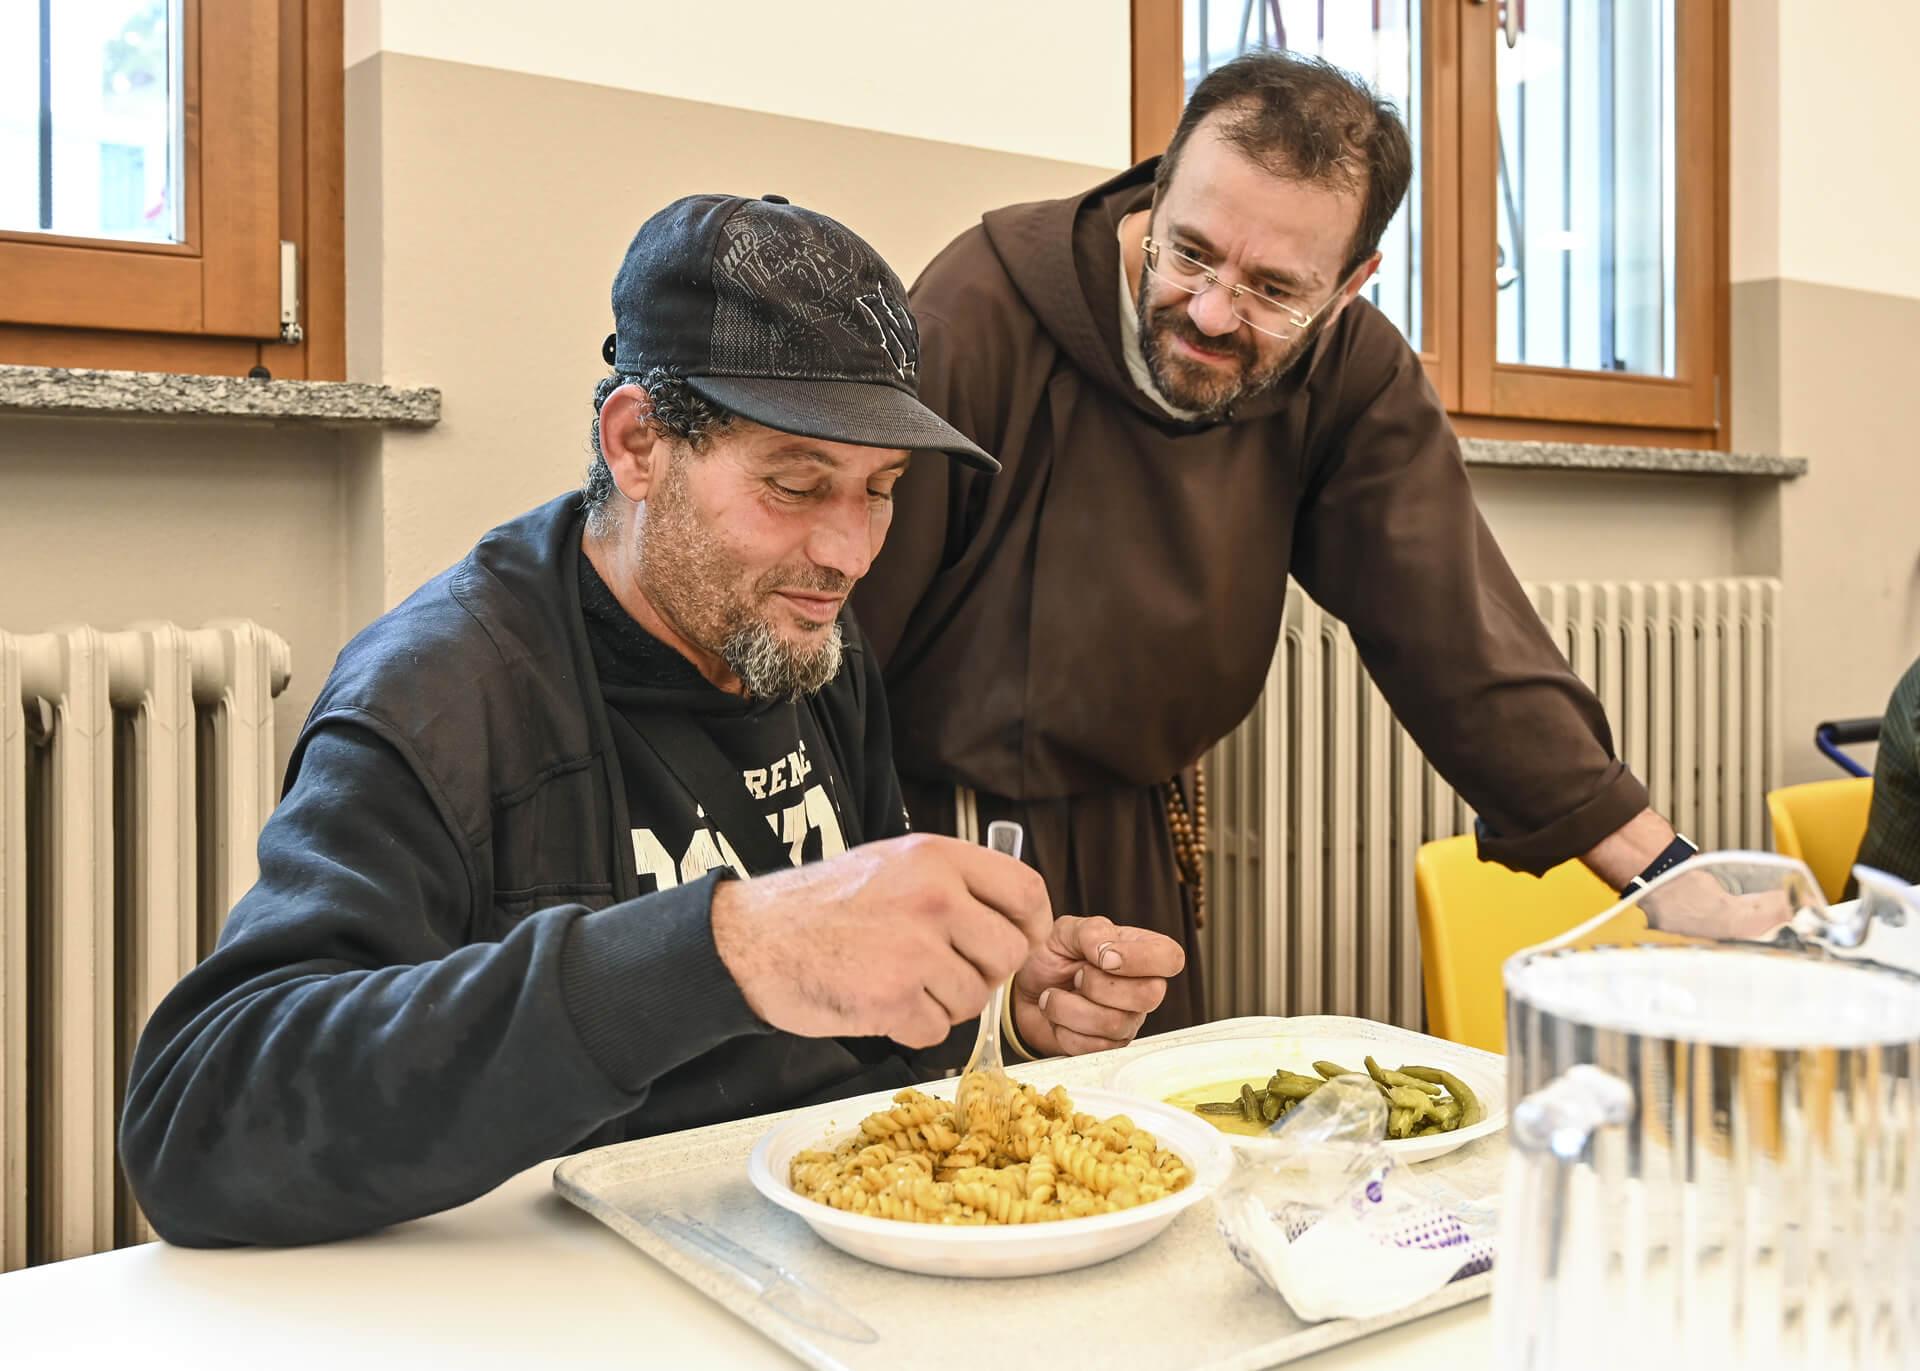 Frate e utente della mensa | OSF